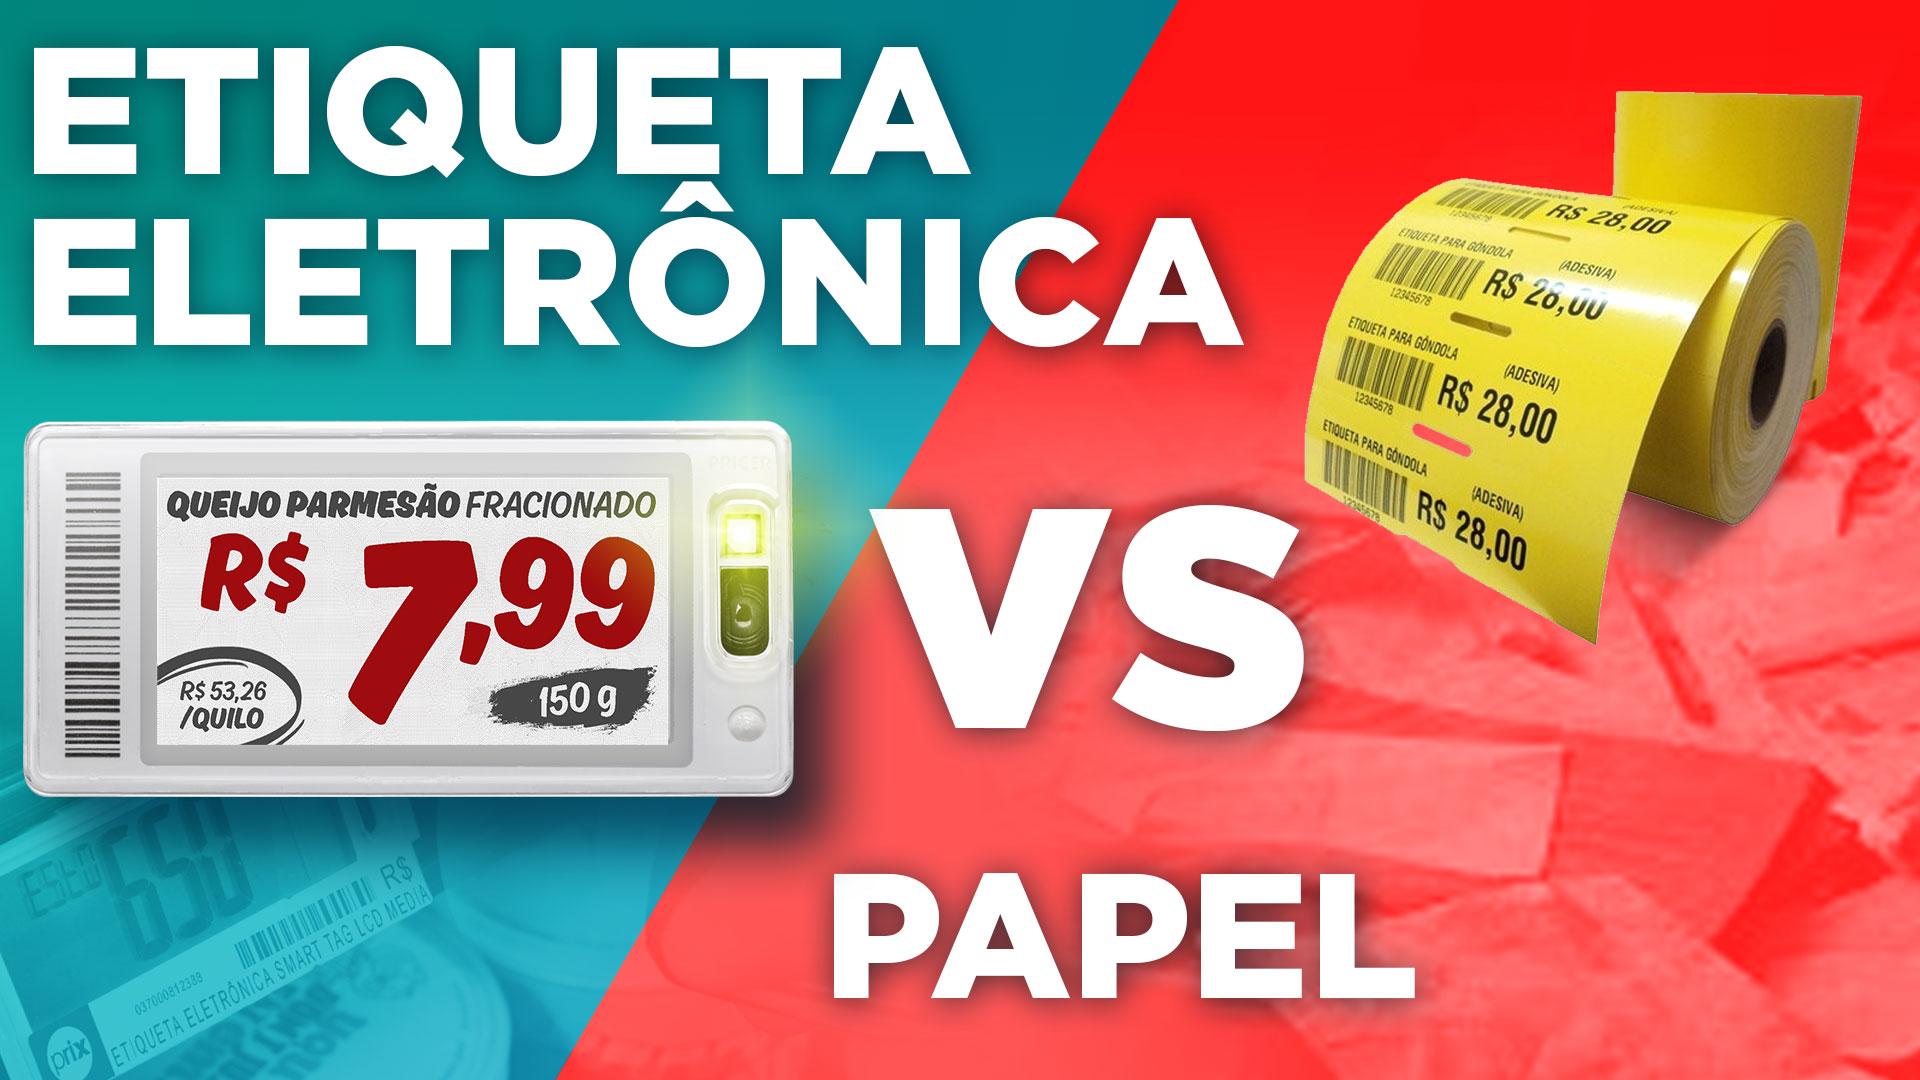 Etiqueta eletrônica vs Etiqueta de Papel